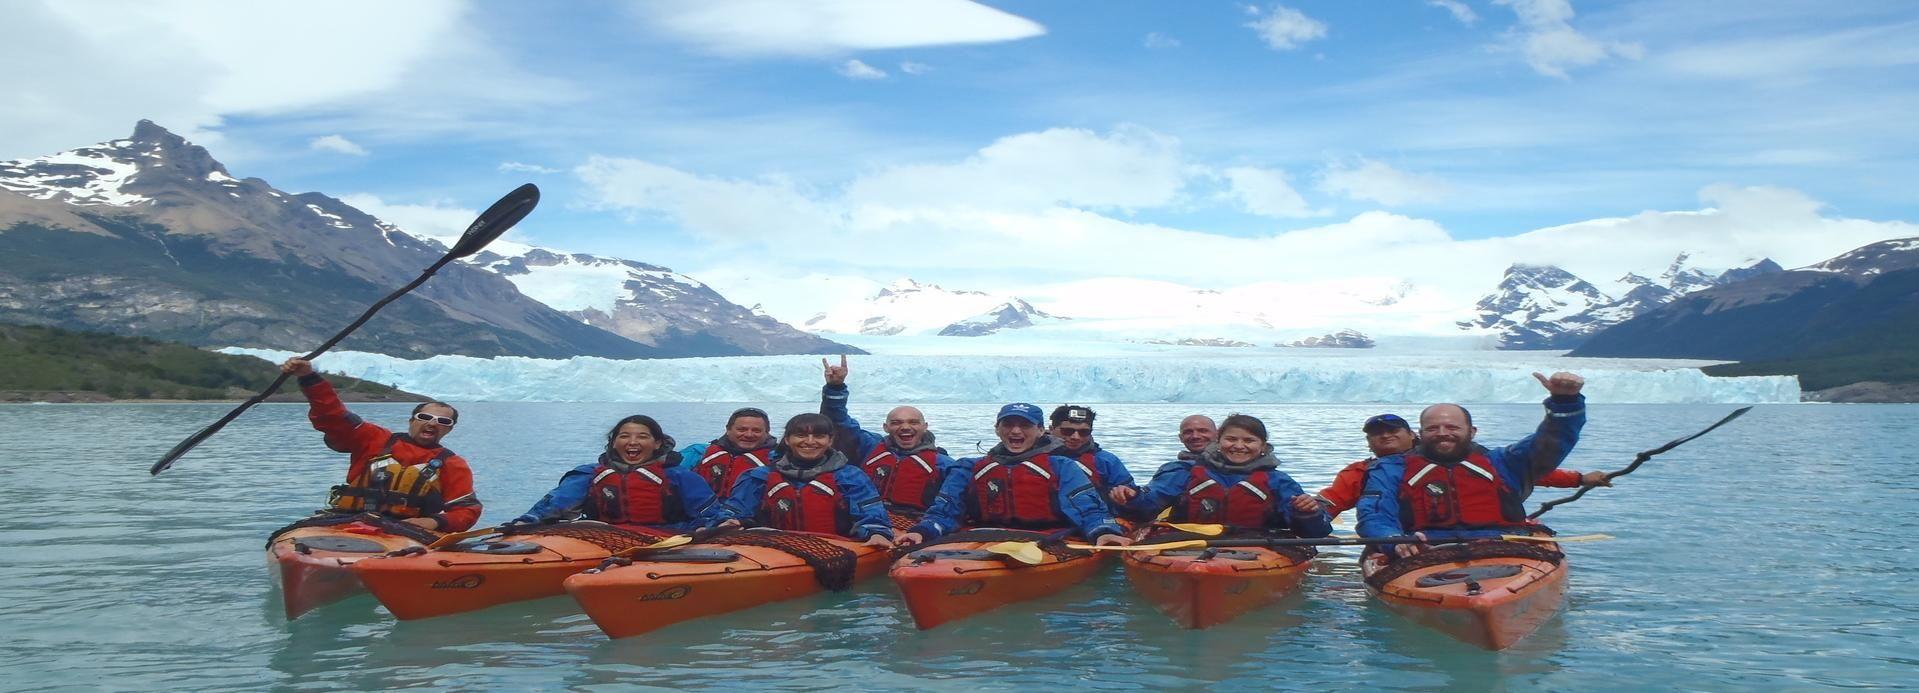 Ghiacciaio Perito Moreno: Kayak Experience